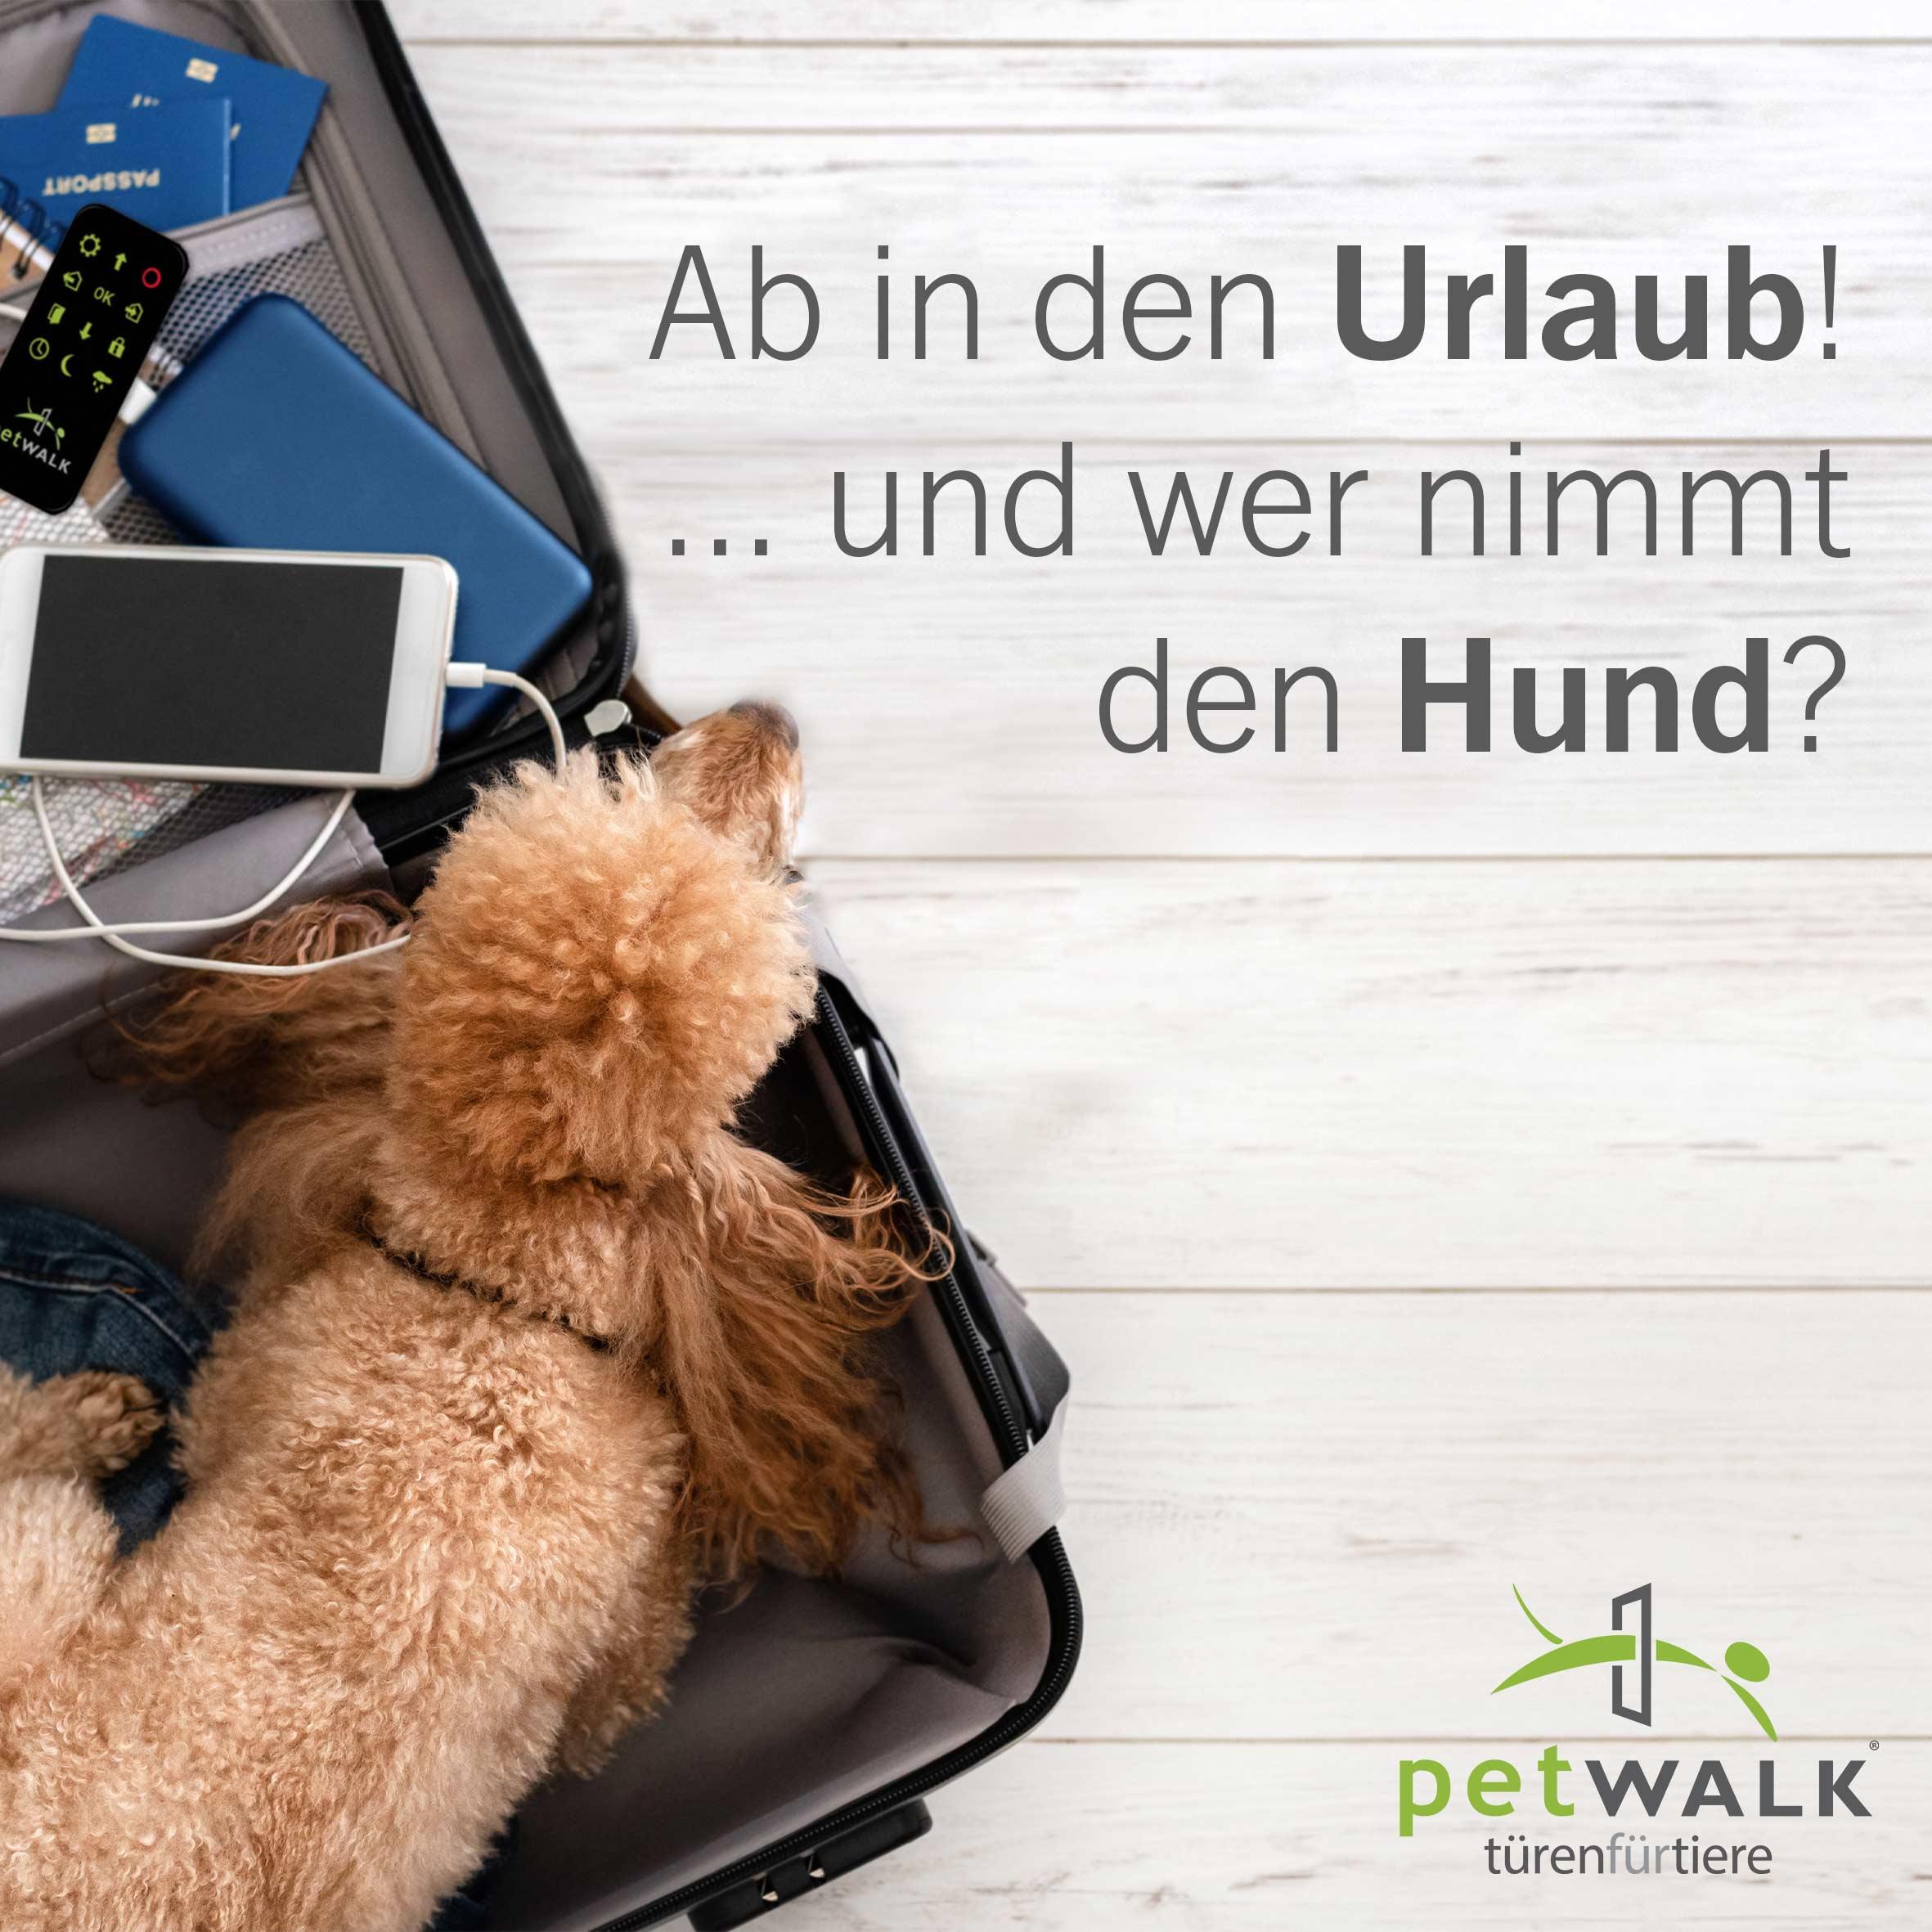 Ab in den Urlaub! ...und wer nimmt den Hund?